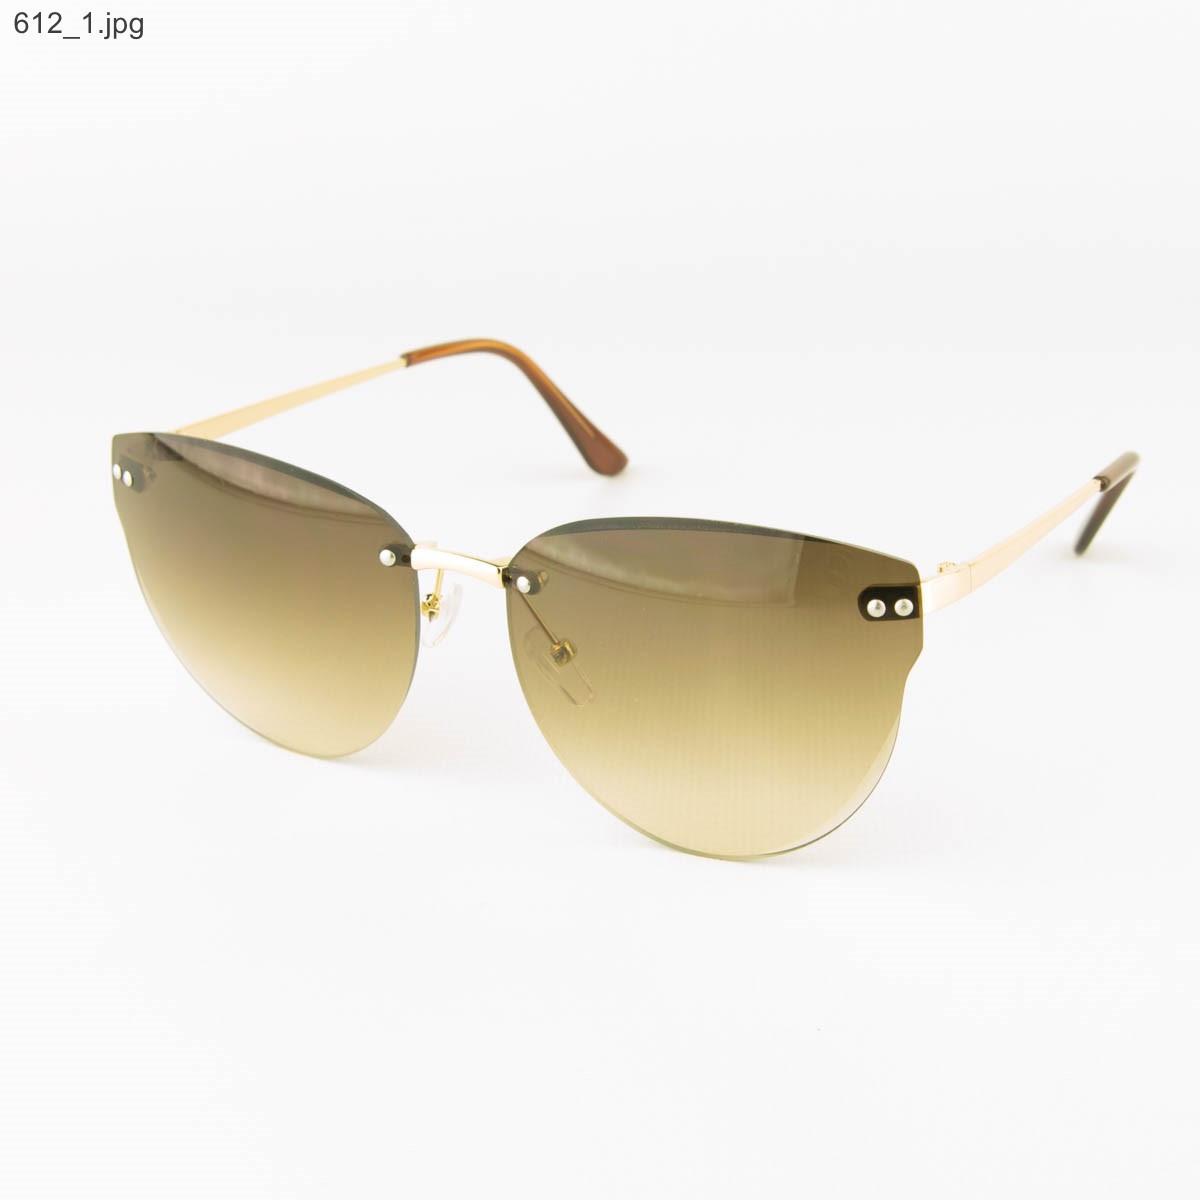 Оптом женские очки солнцезащитные - Коричневые - 612